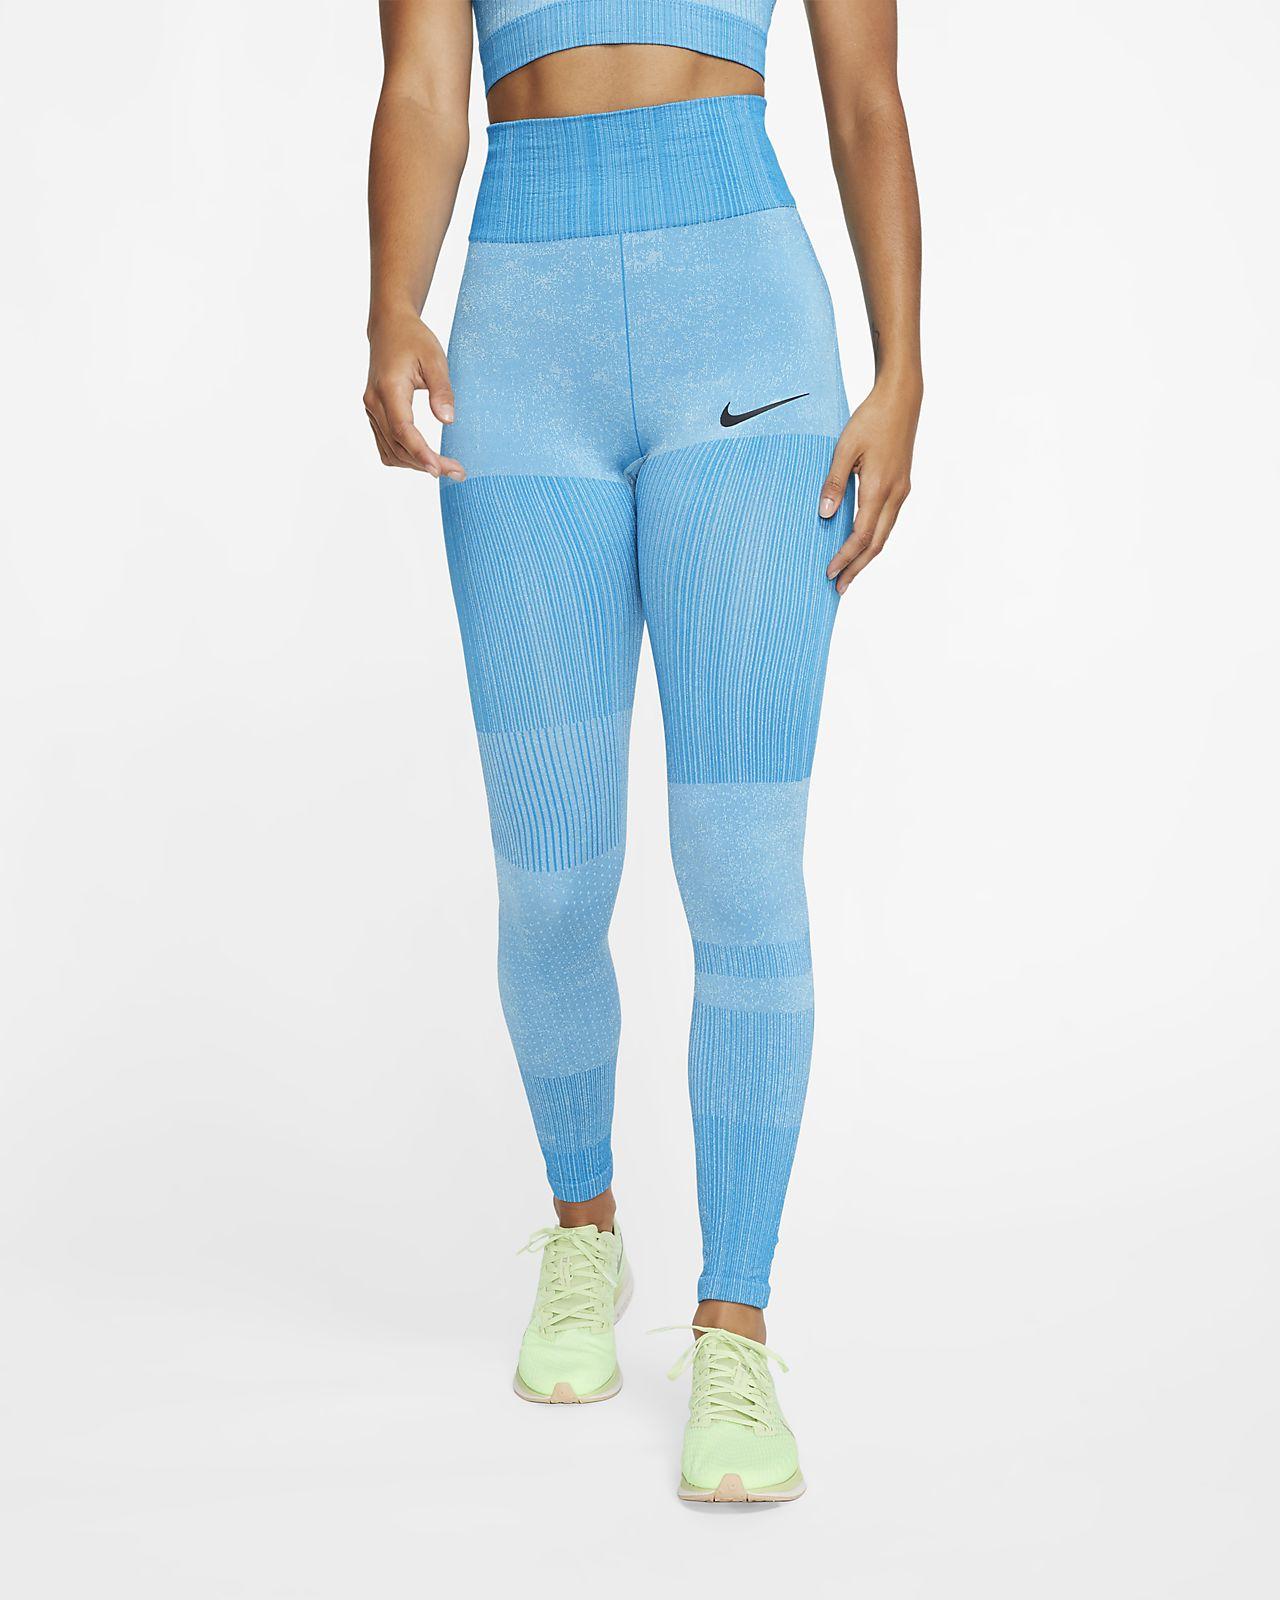 Mallas de entrenamiento tejidas para mujer Nike City Ready